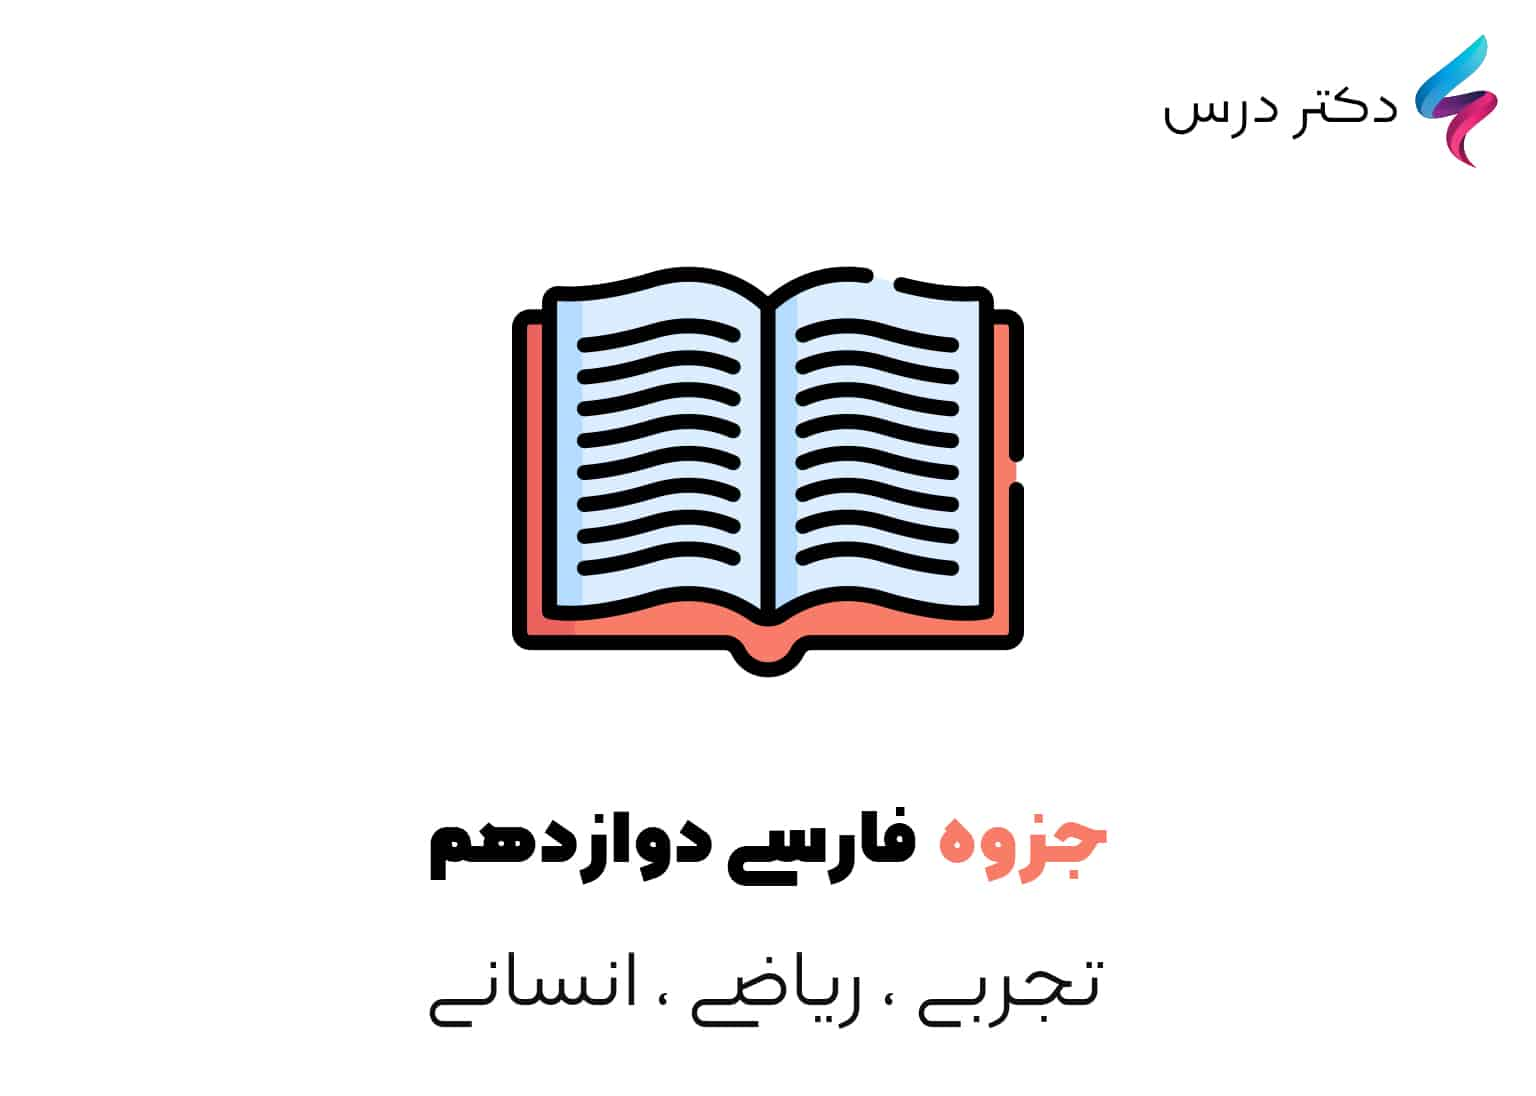 جزوه فارسی دوازدهم